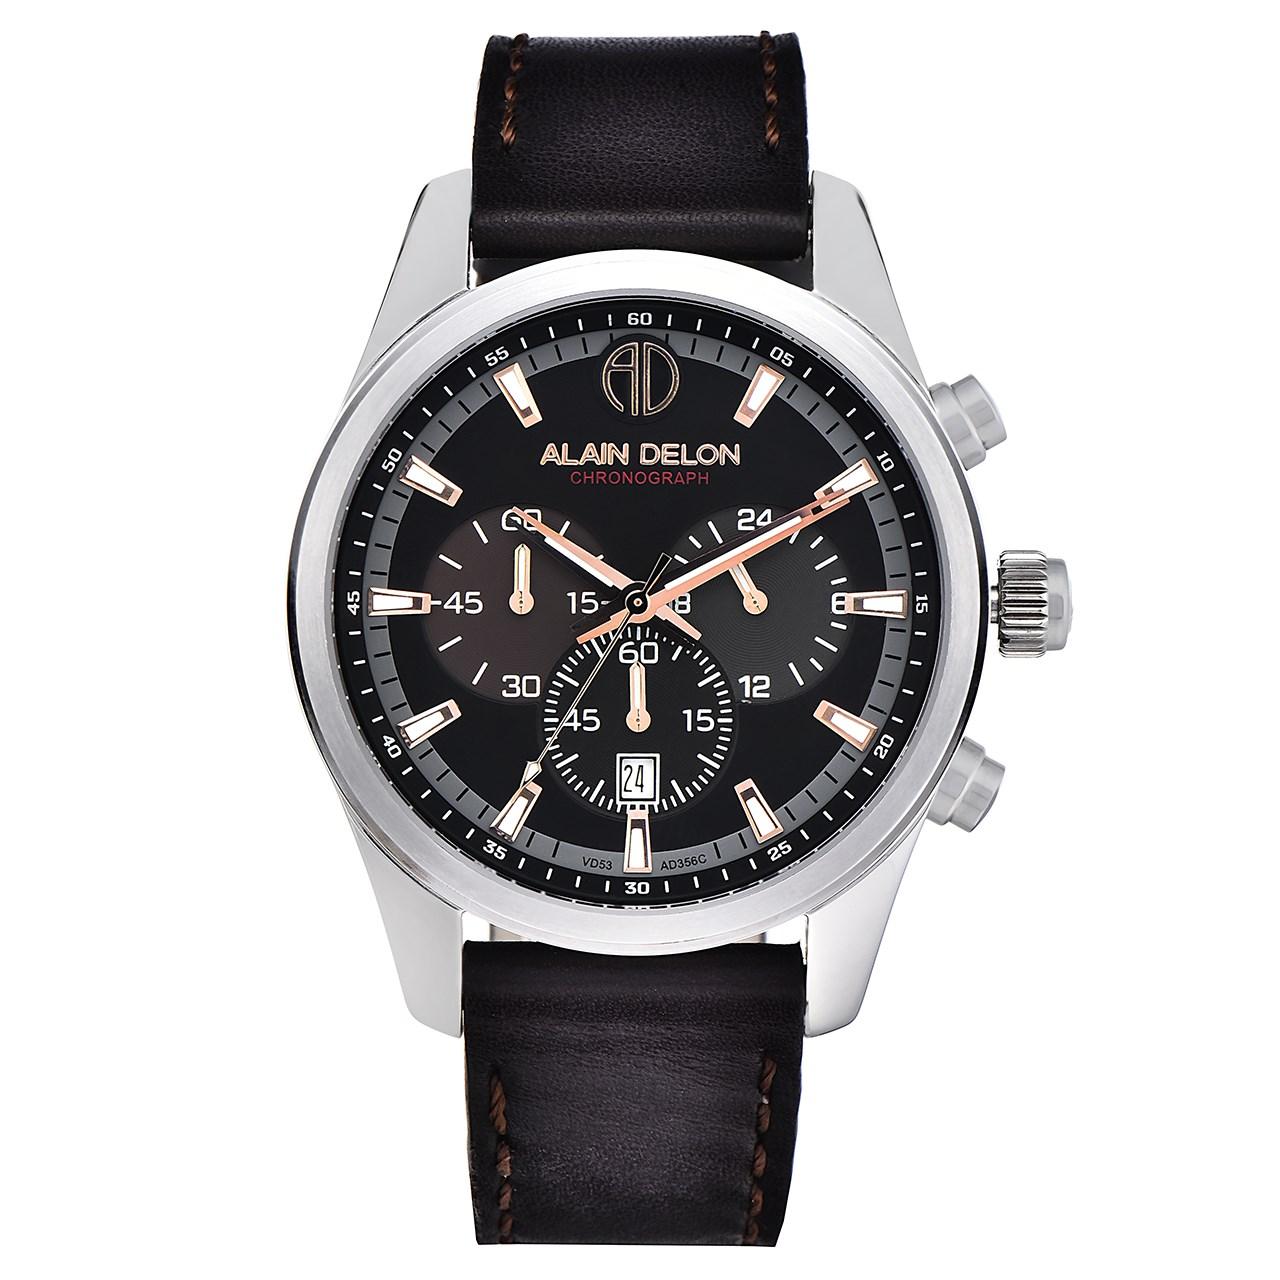 ساعت مچی عقربه ای مردانه آلن دلون مدل AD356-1349C 16